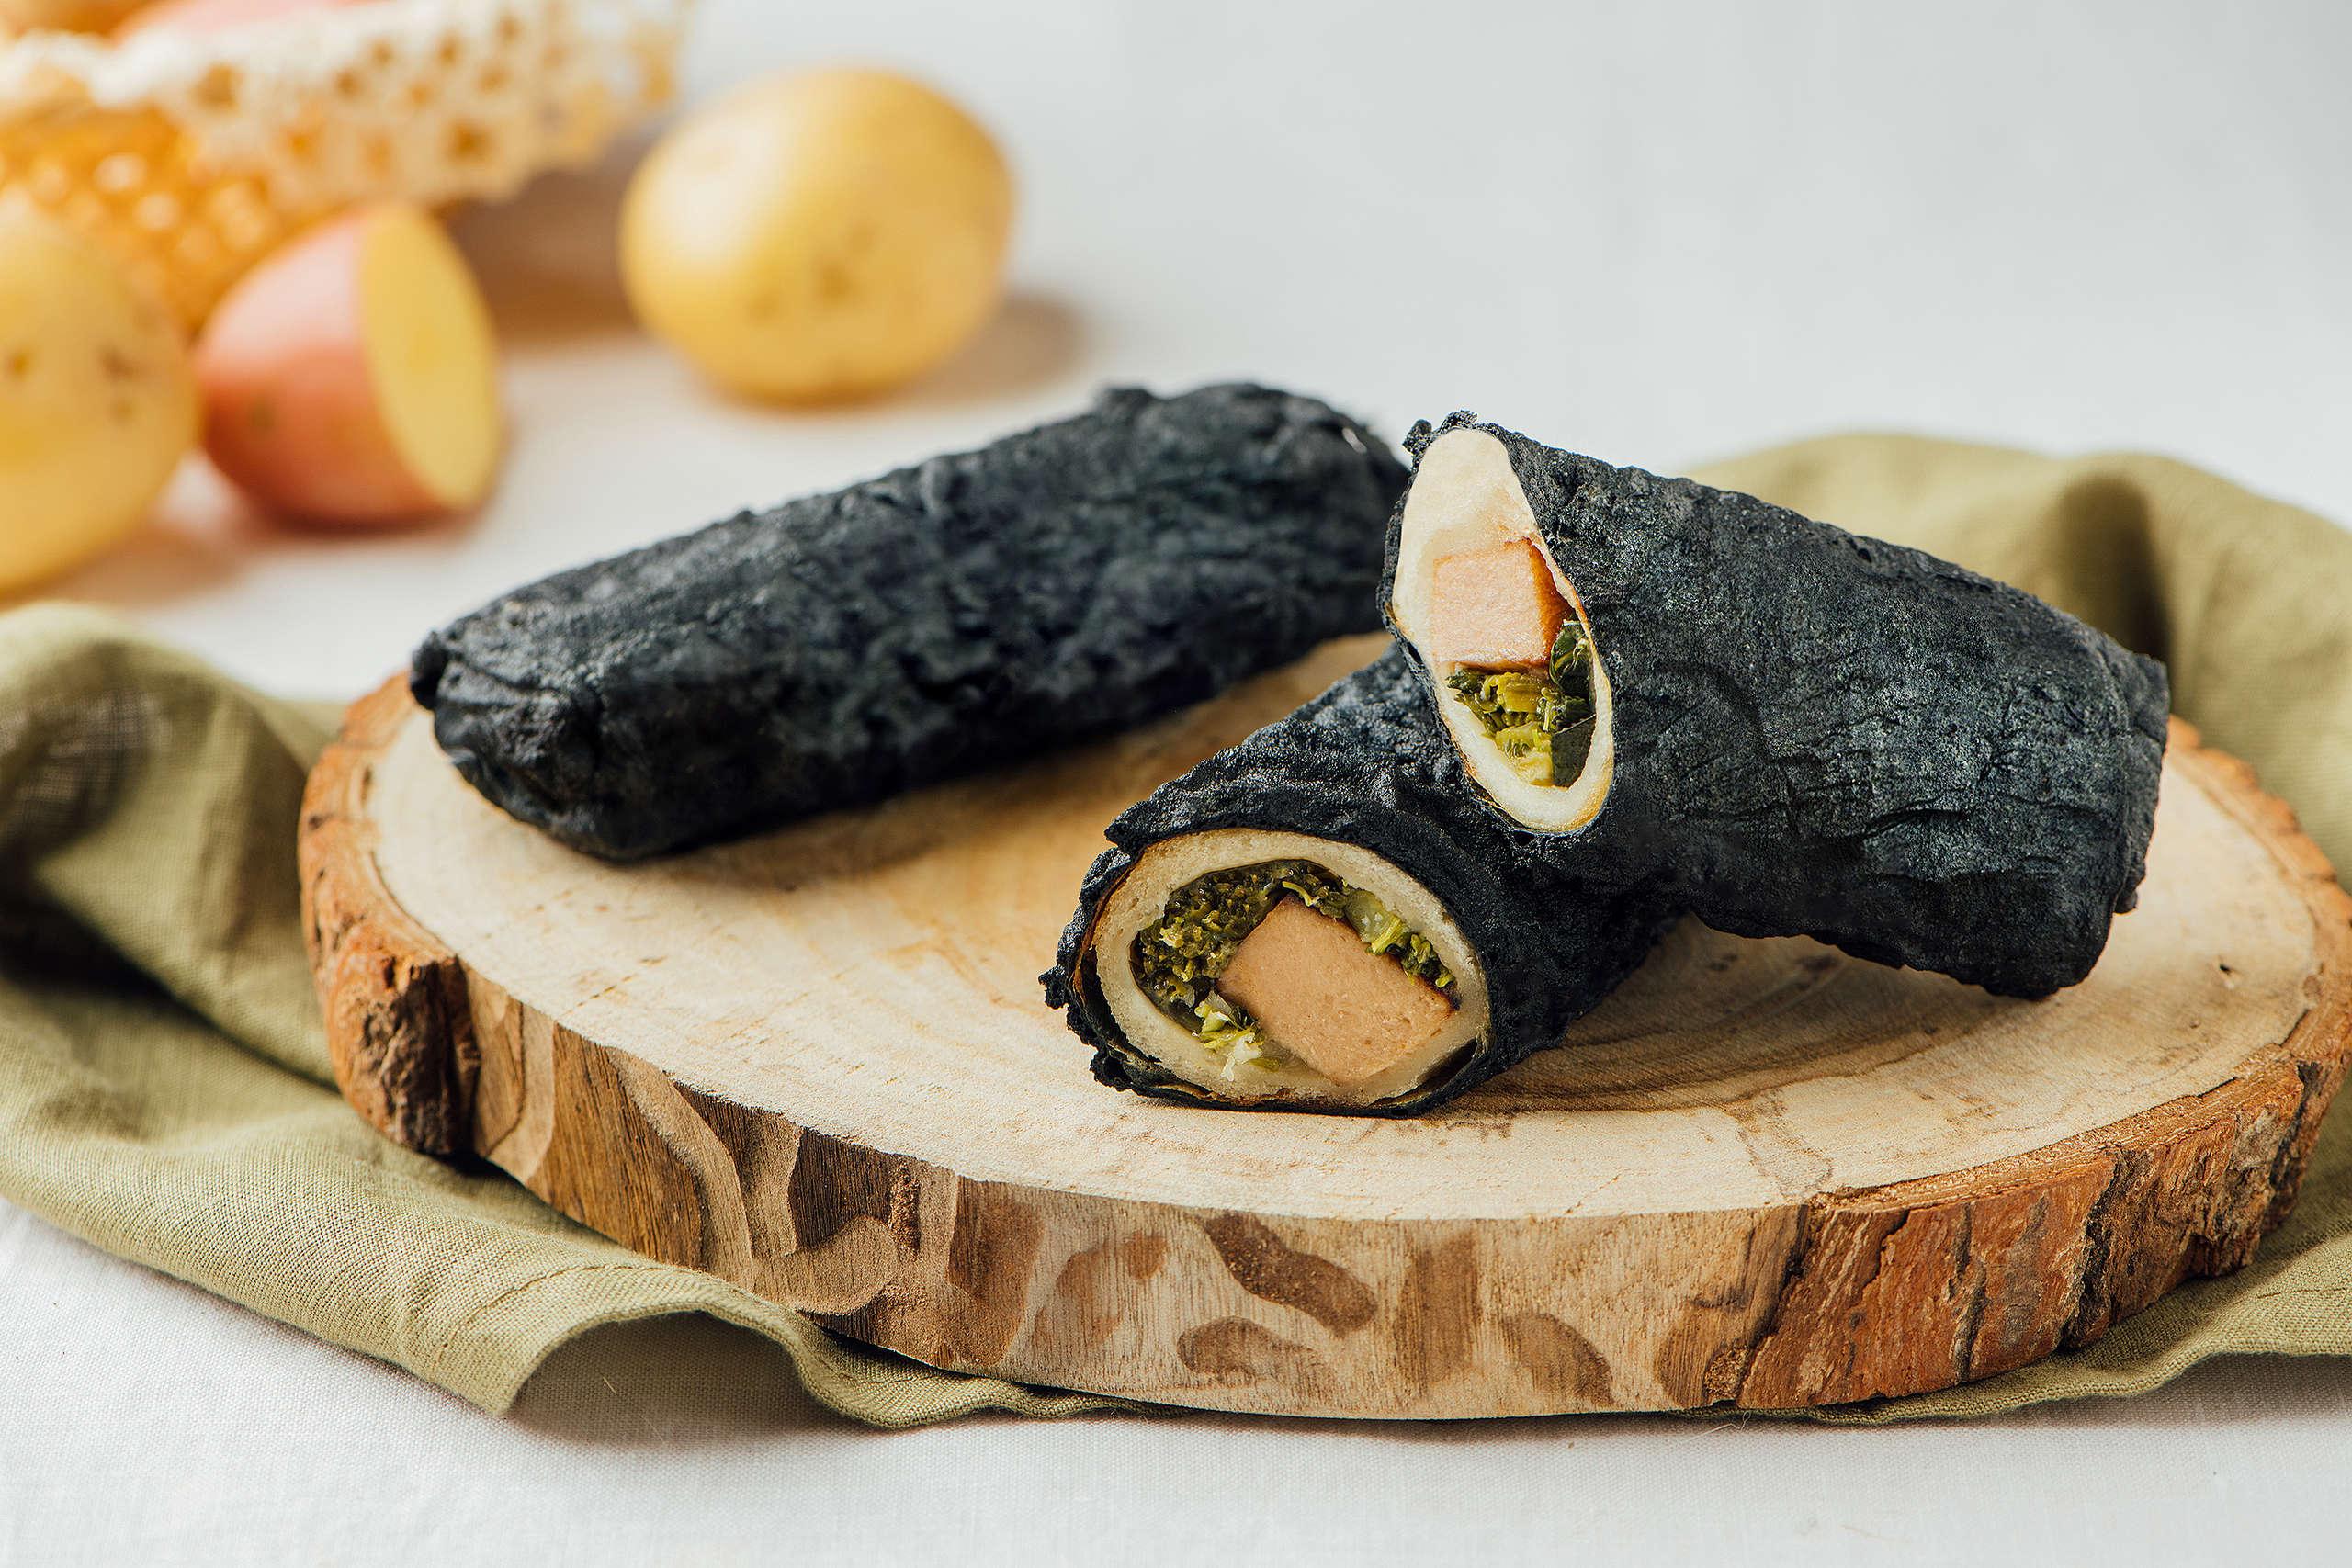 「碳式時蔬洋芋捲」內含濃郁的全植起司與香甜馬鈴薯,純素者也能安心享用。© Greenpeace